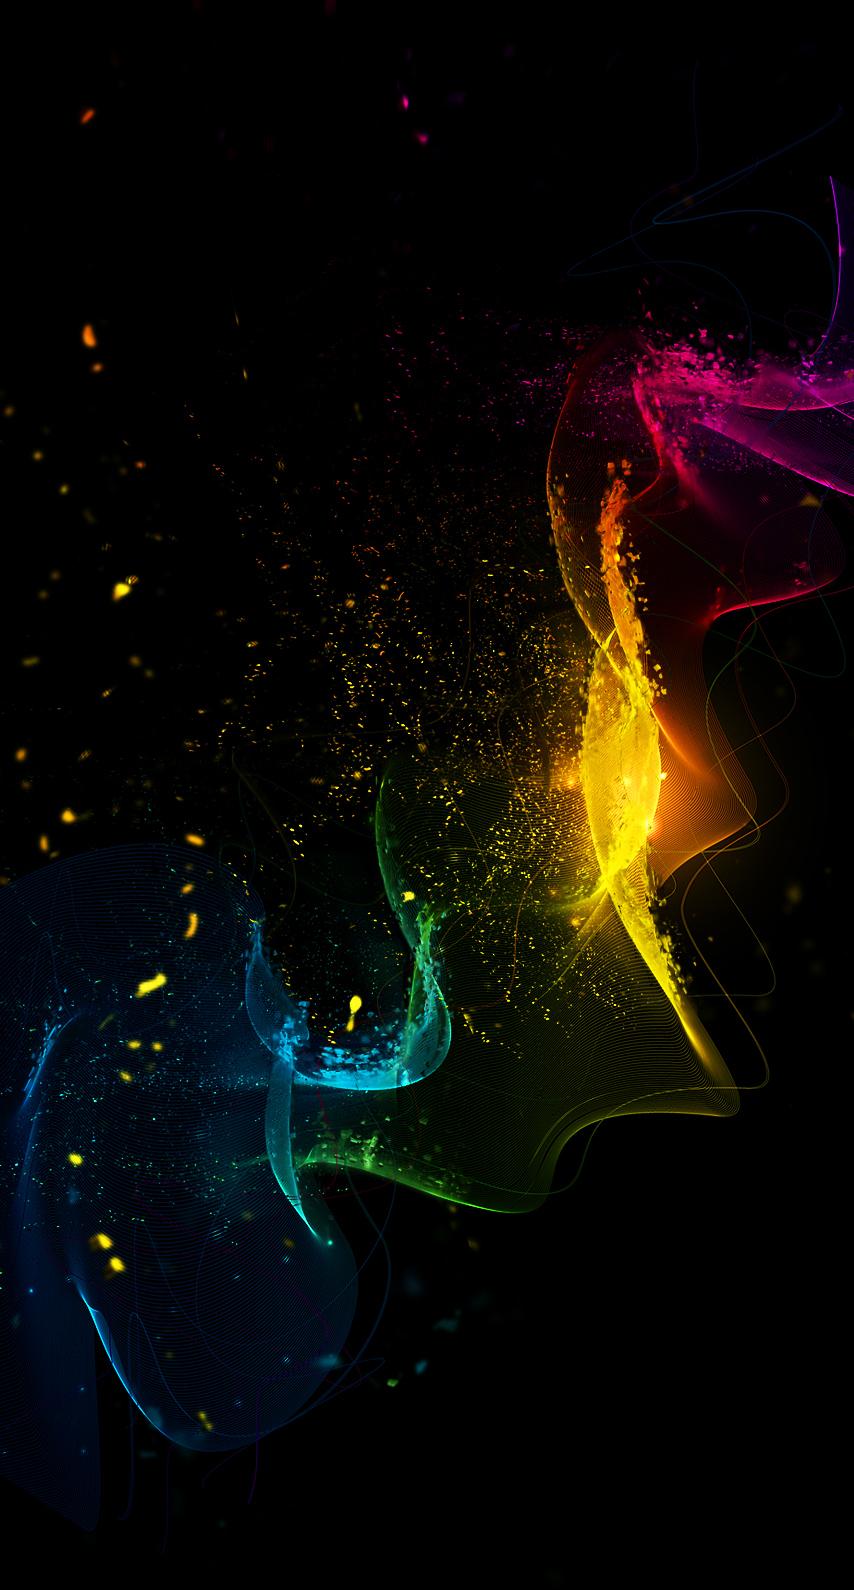 lights, art